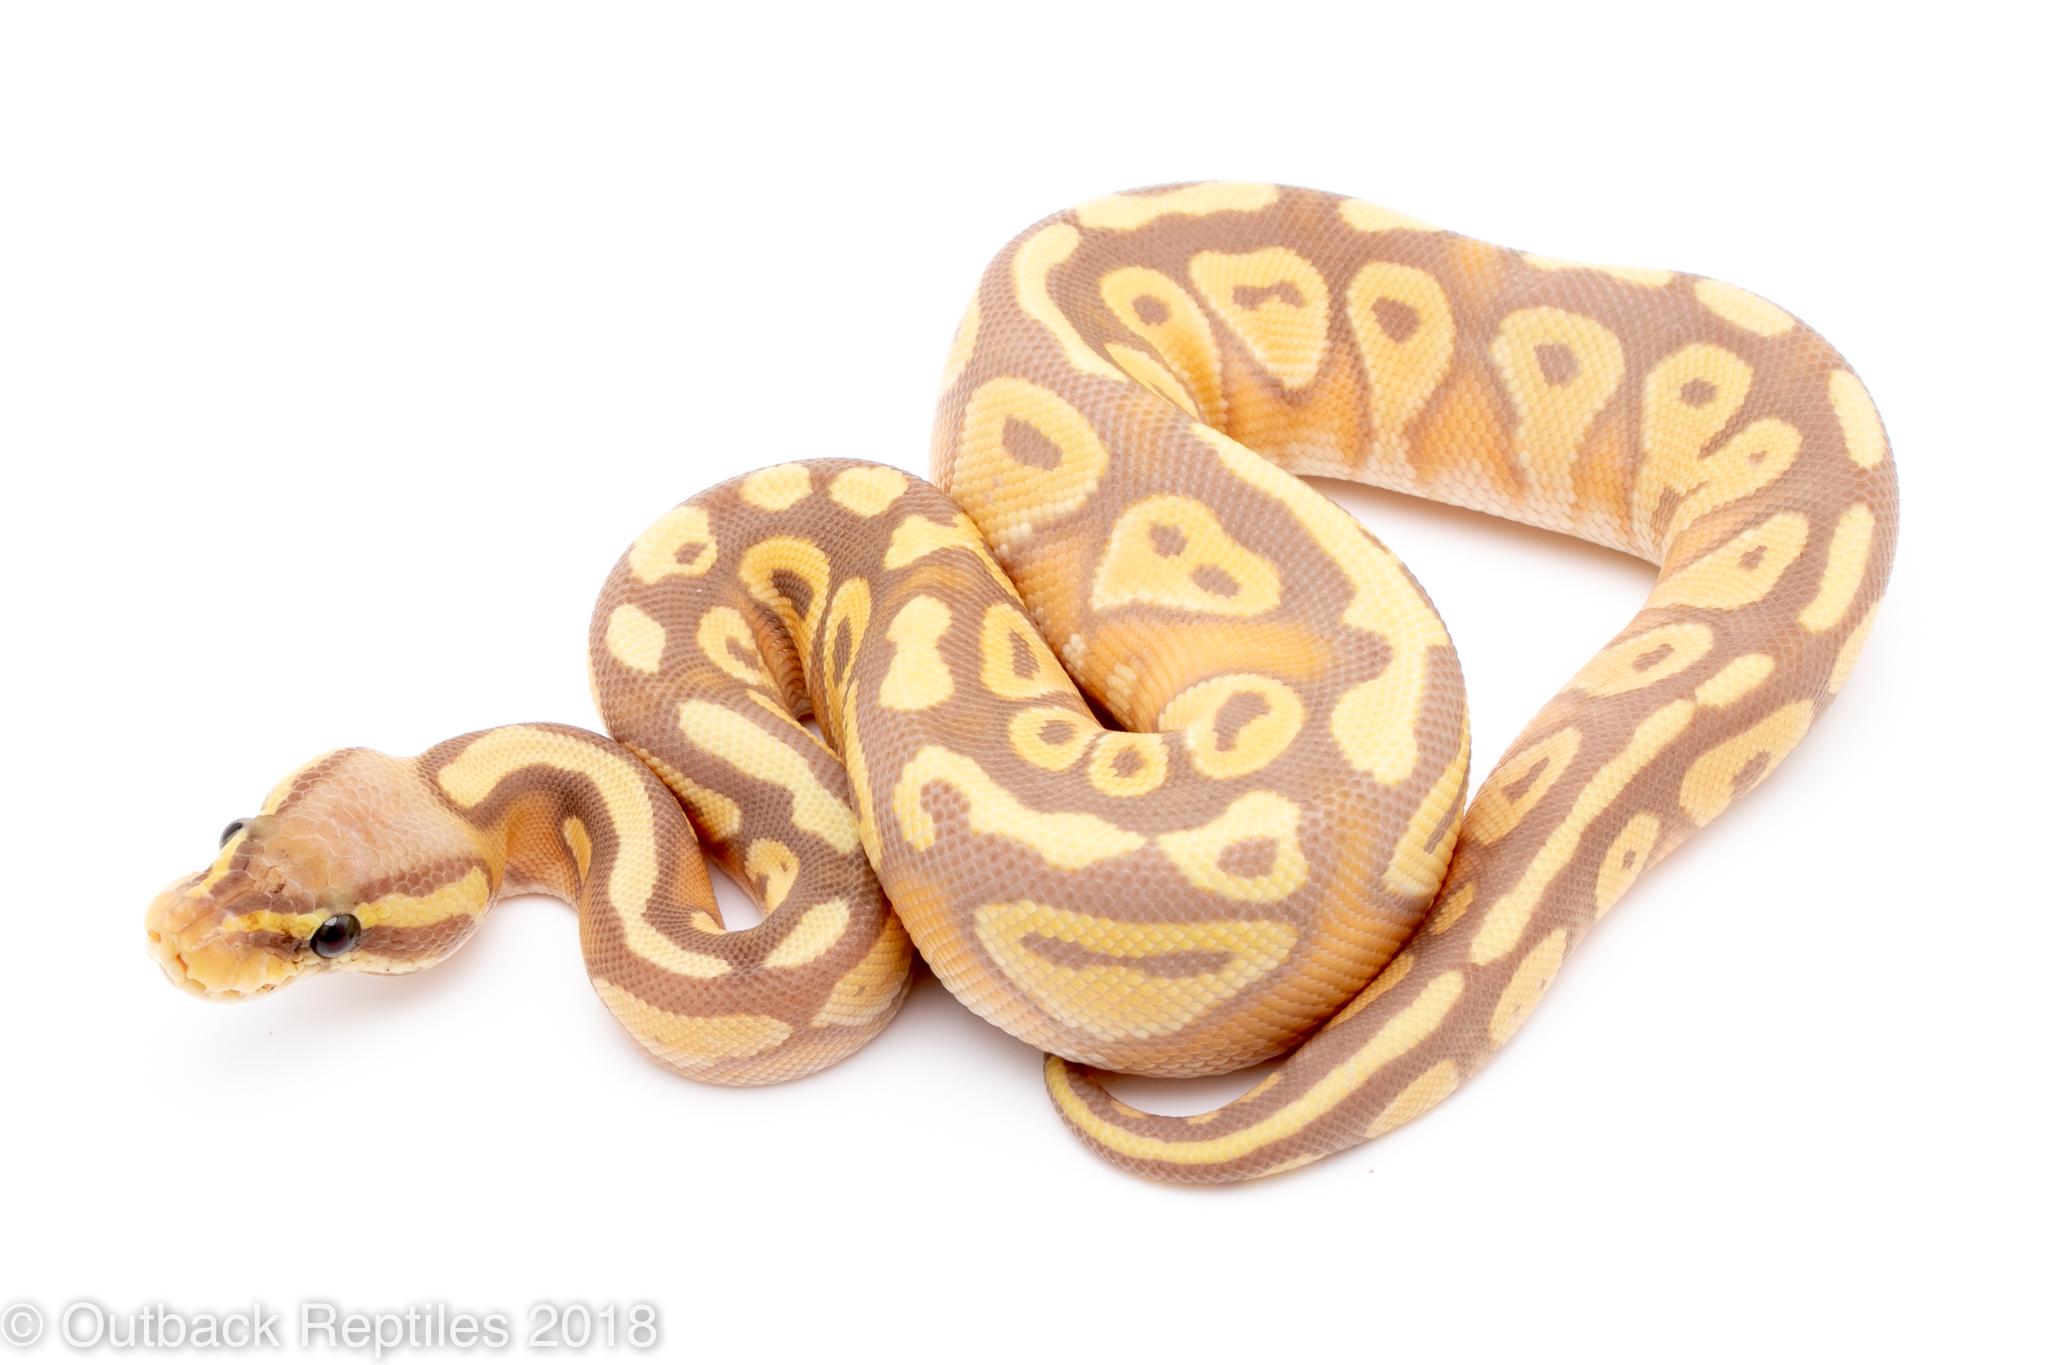 banana mojave ball python for sale